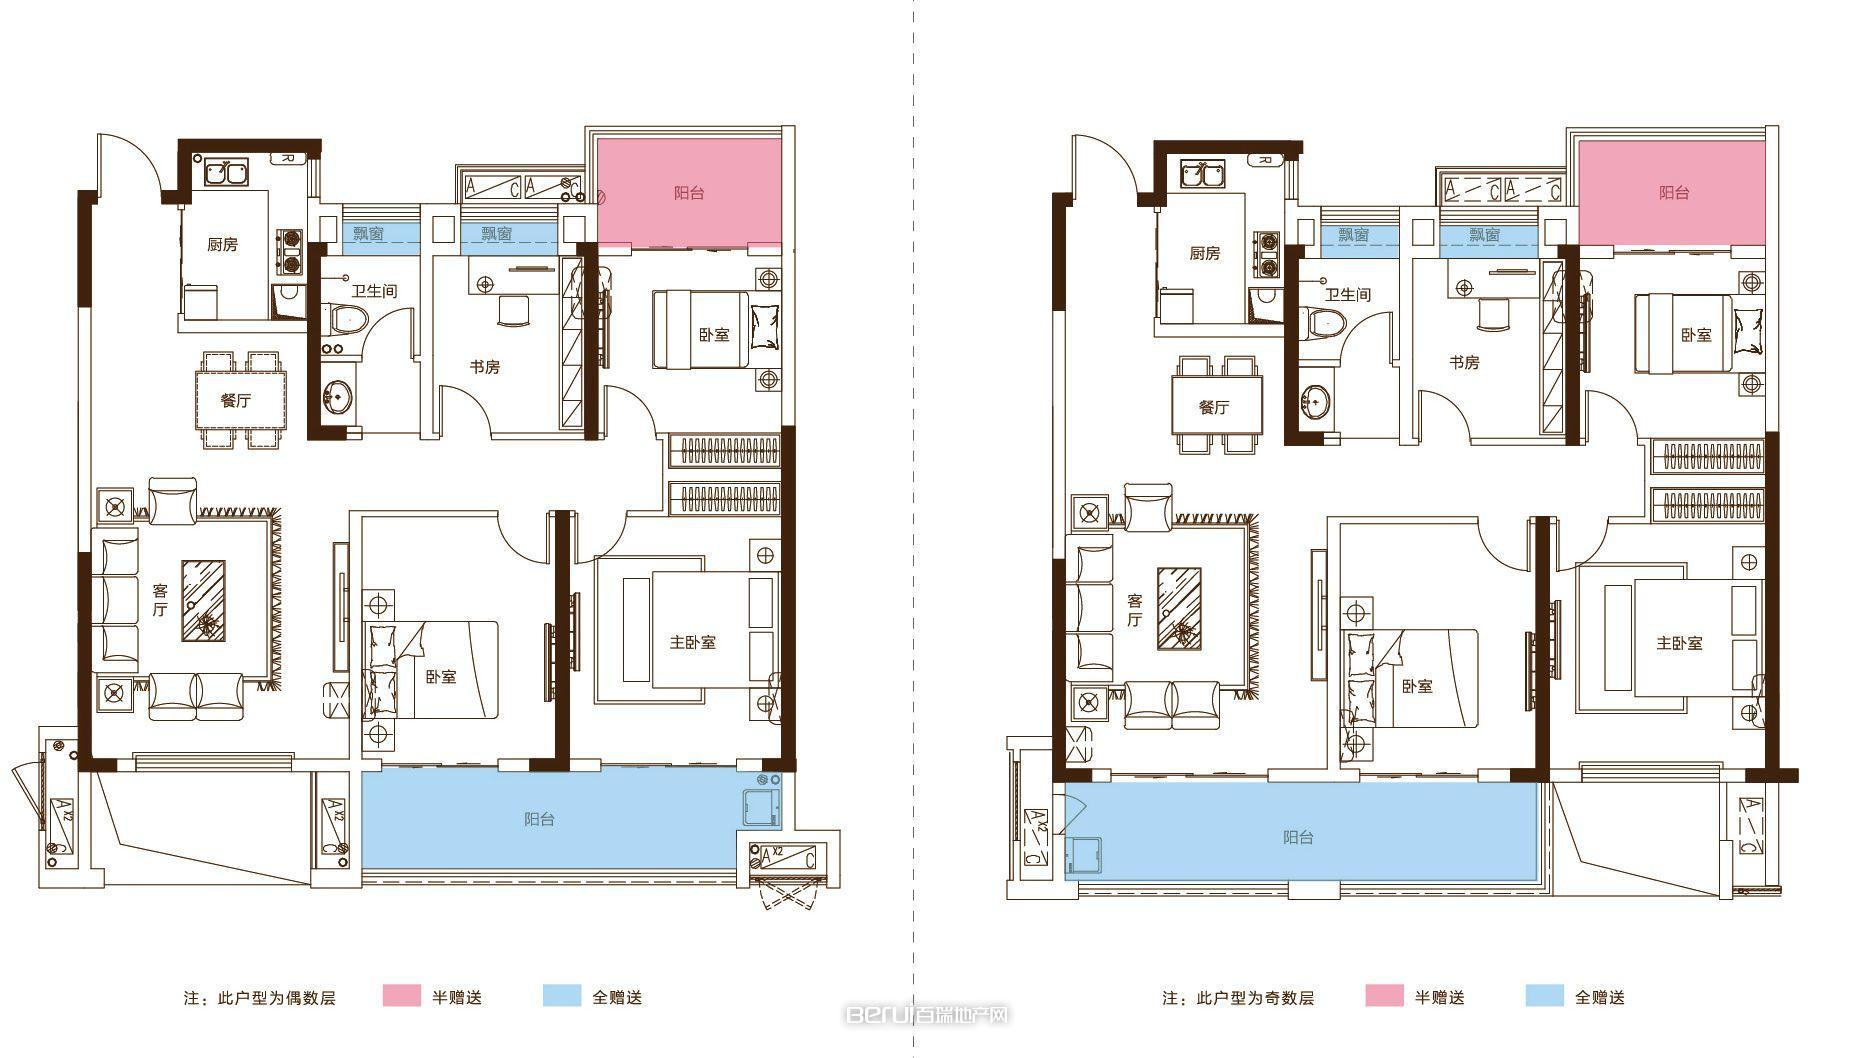 4室2厅1卫116㎡